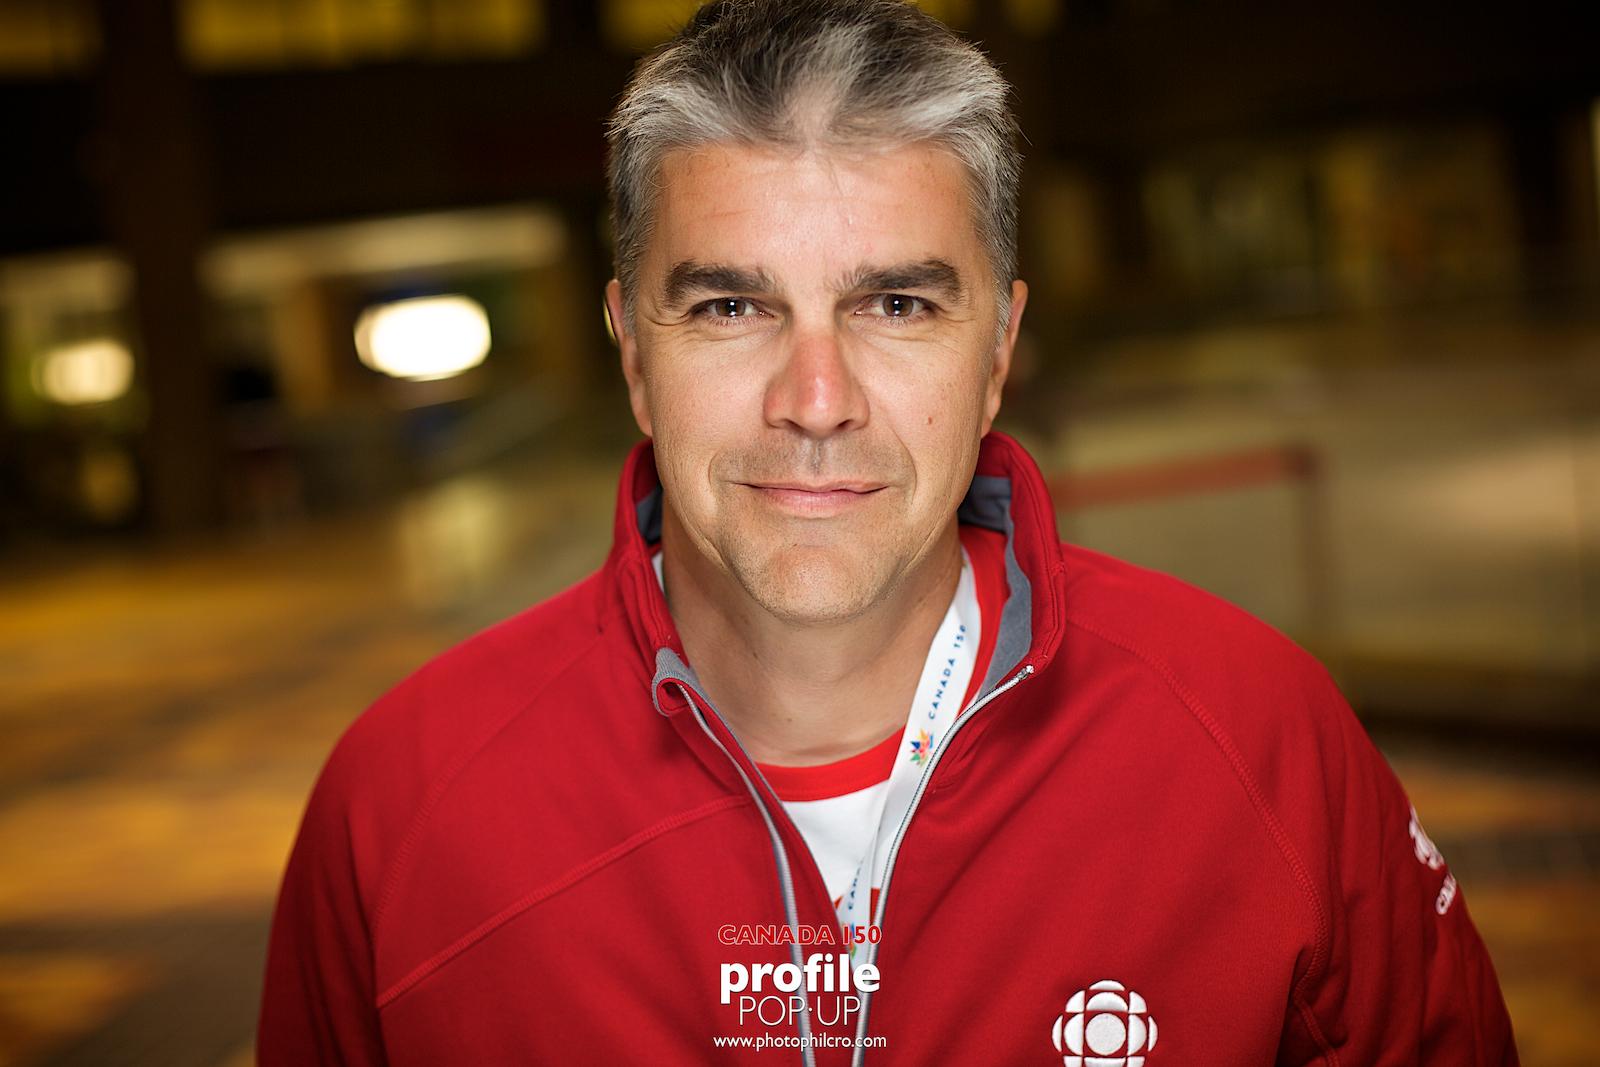 ProfilePopup_Canada150_Facebook 119.jpg